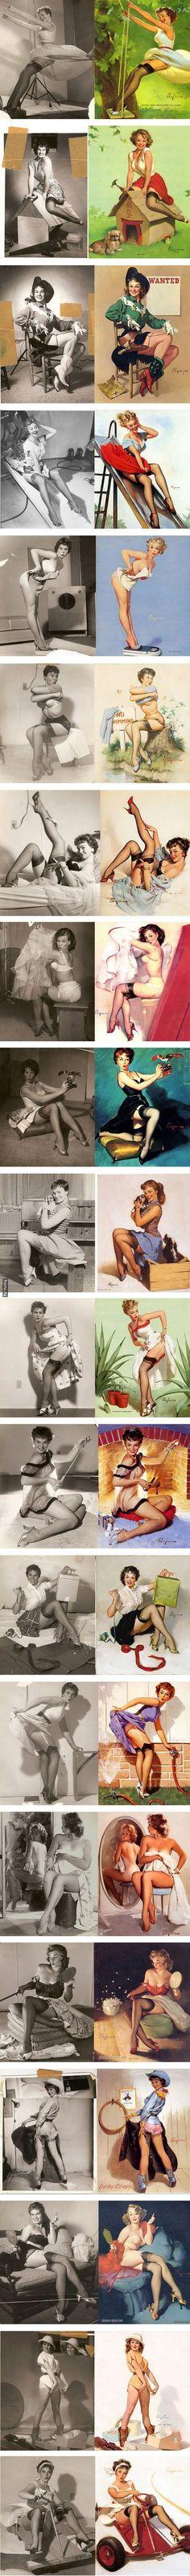 Huru.ru :: Знаменитые пин-ап картинки и оригинальные черно-белые фотографии, с которых их рисовали (20 фото)